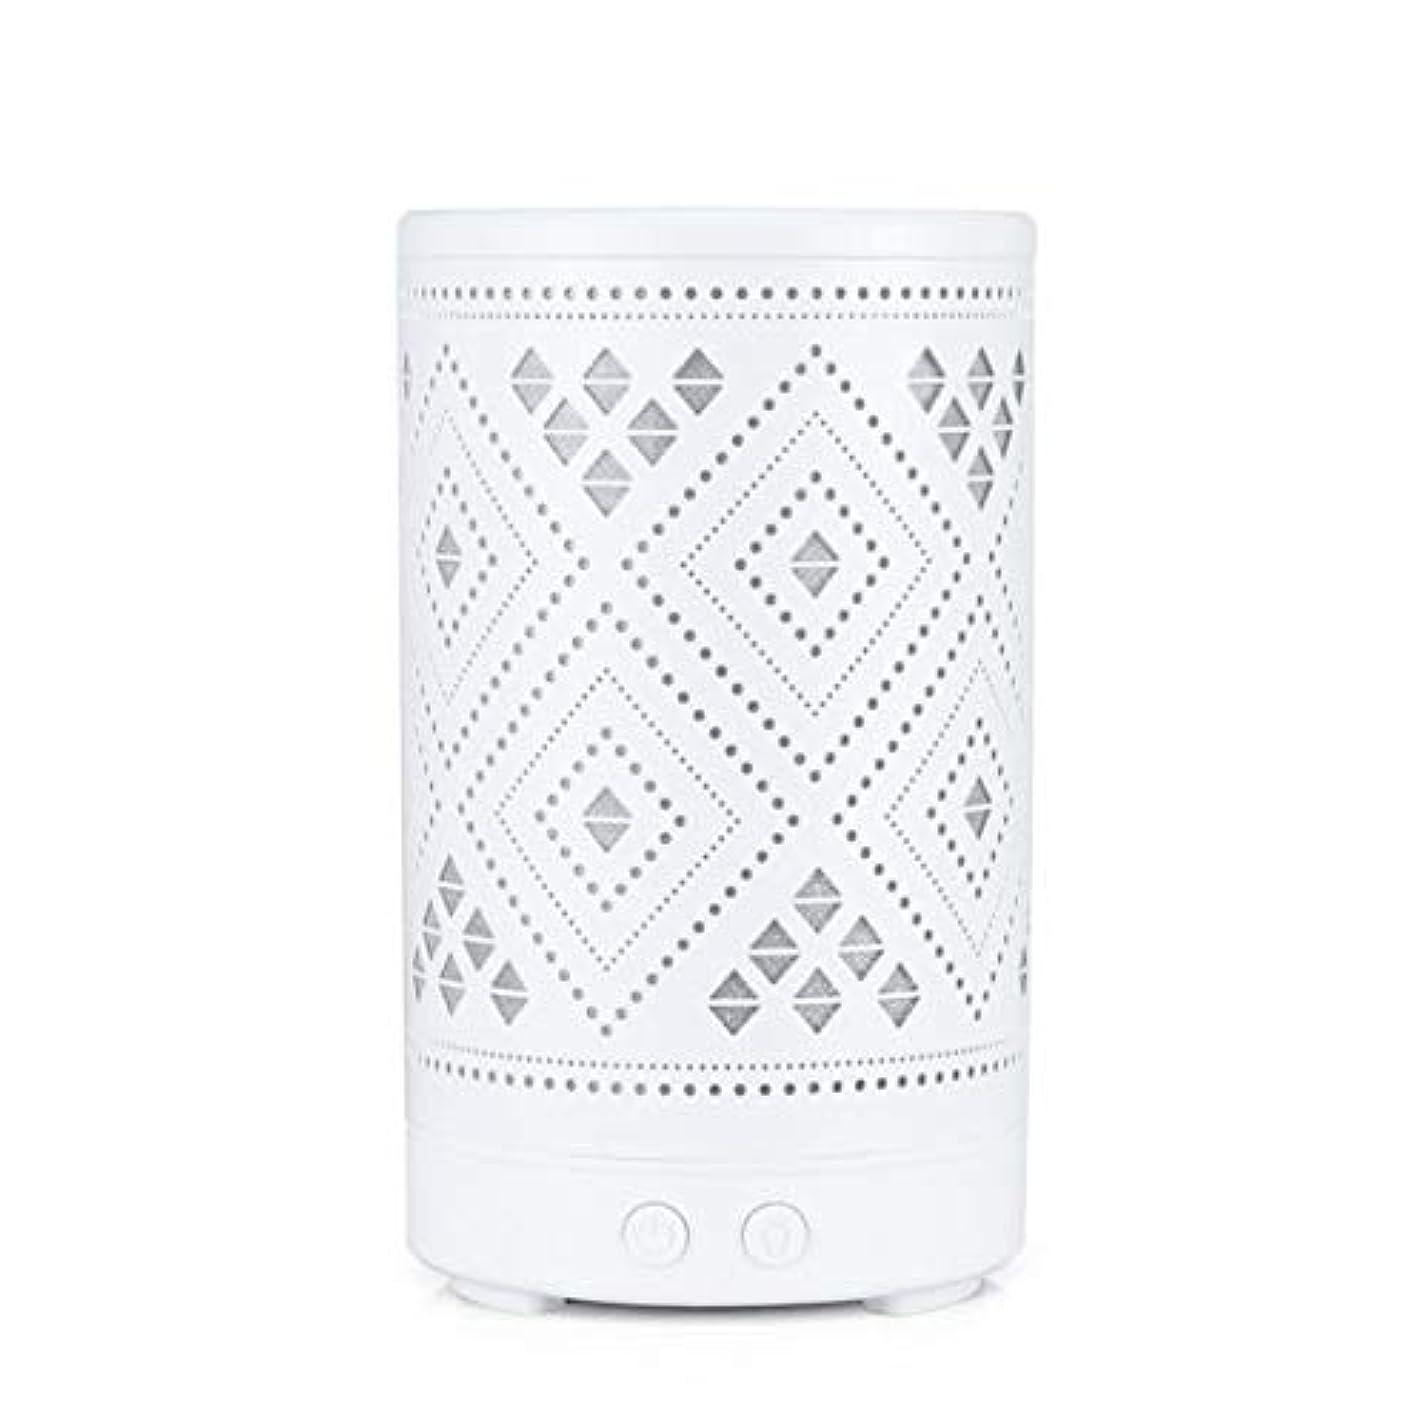 顎無力ラボクラシック ミニ 中空 加湿器,涼しい霧 7 色 デスクトップ 加湿機 精油 ディフューザー アロマネブライザー Yoga ベッド 寮- 100ml